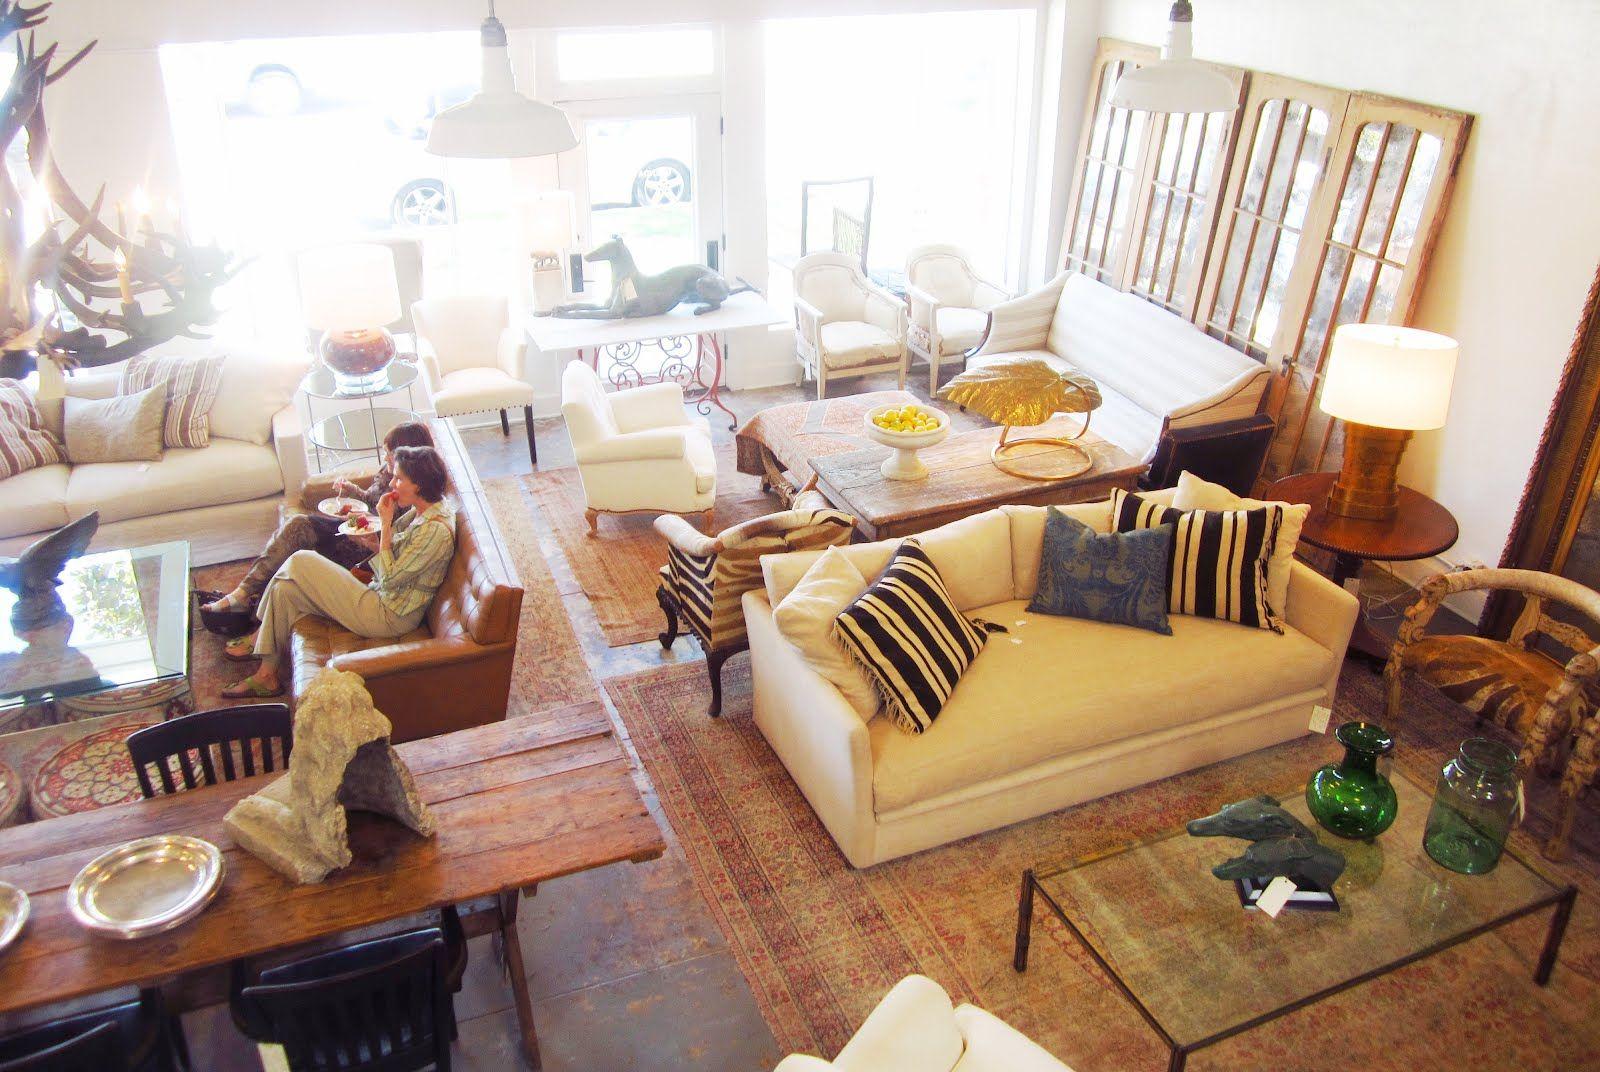 Cococozy Brenda Antin Store Shop Los Angeles Furniture Home Decor Interior Design